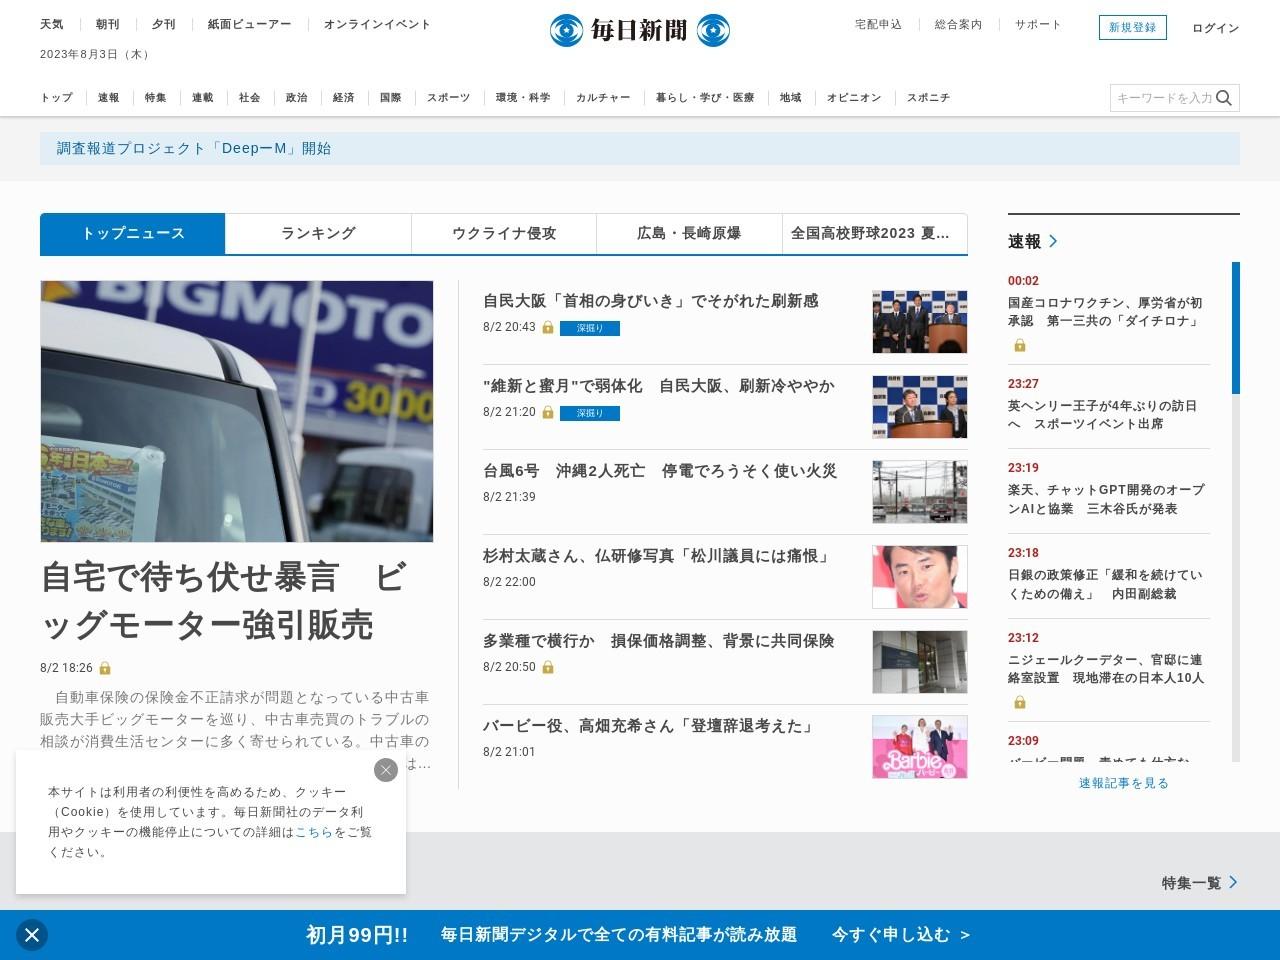 「ジブリ超す感動」宮崎で 空白県にJクラブ誕生 熱意と投資で集客増目指す